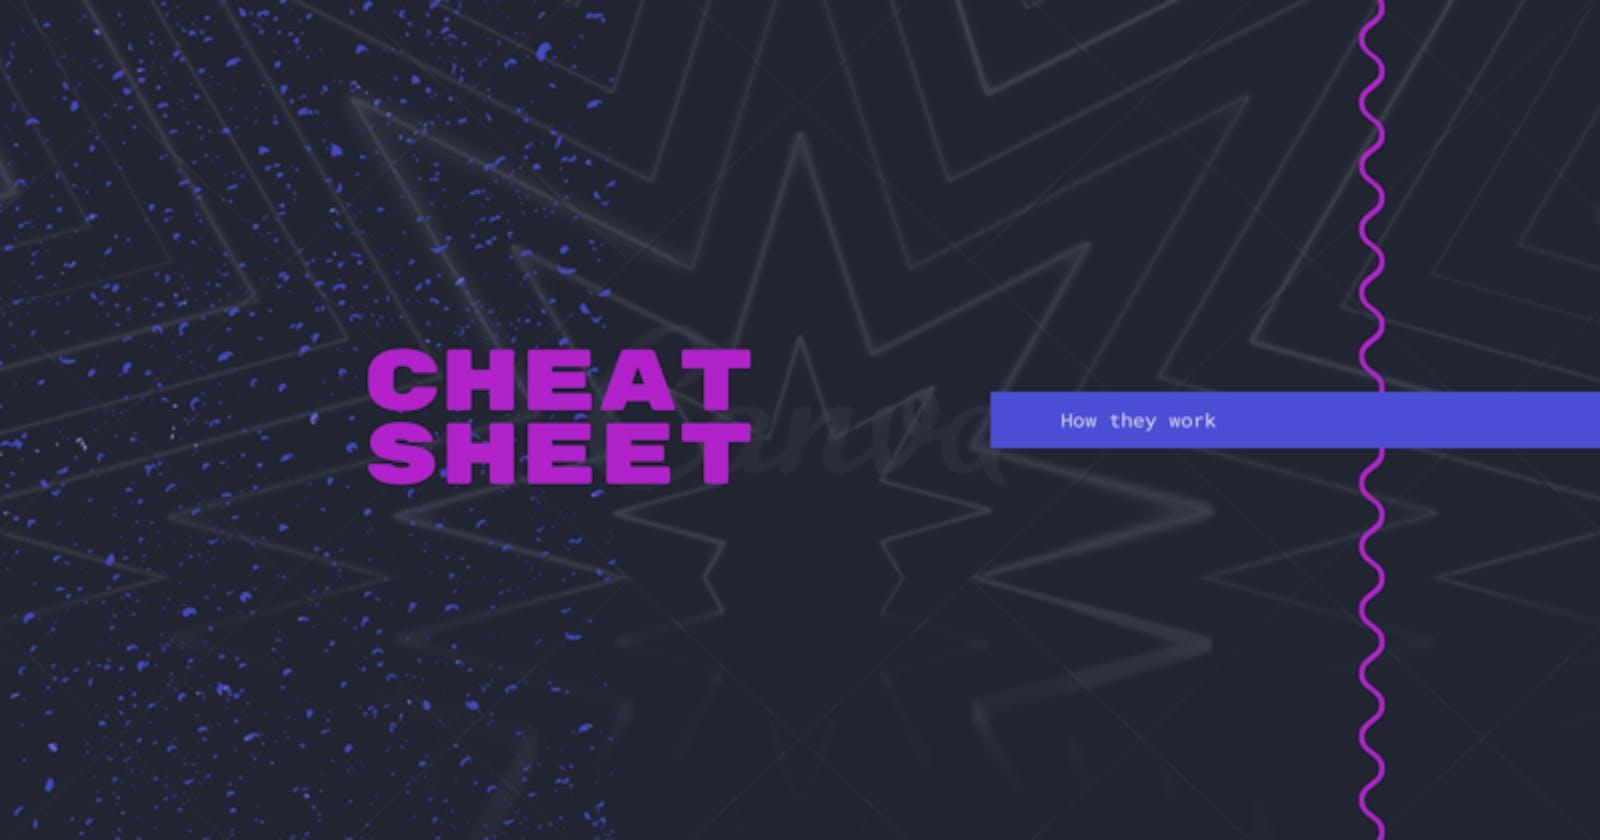 Pm2 Cheat Sheet